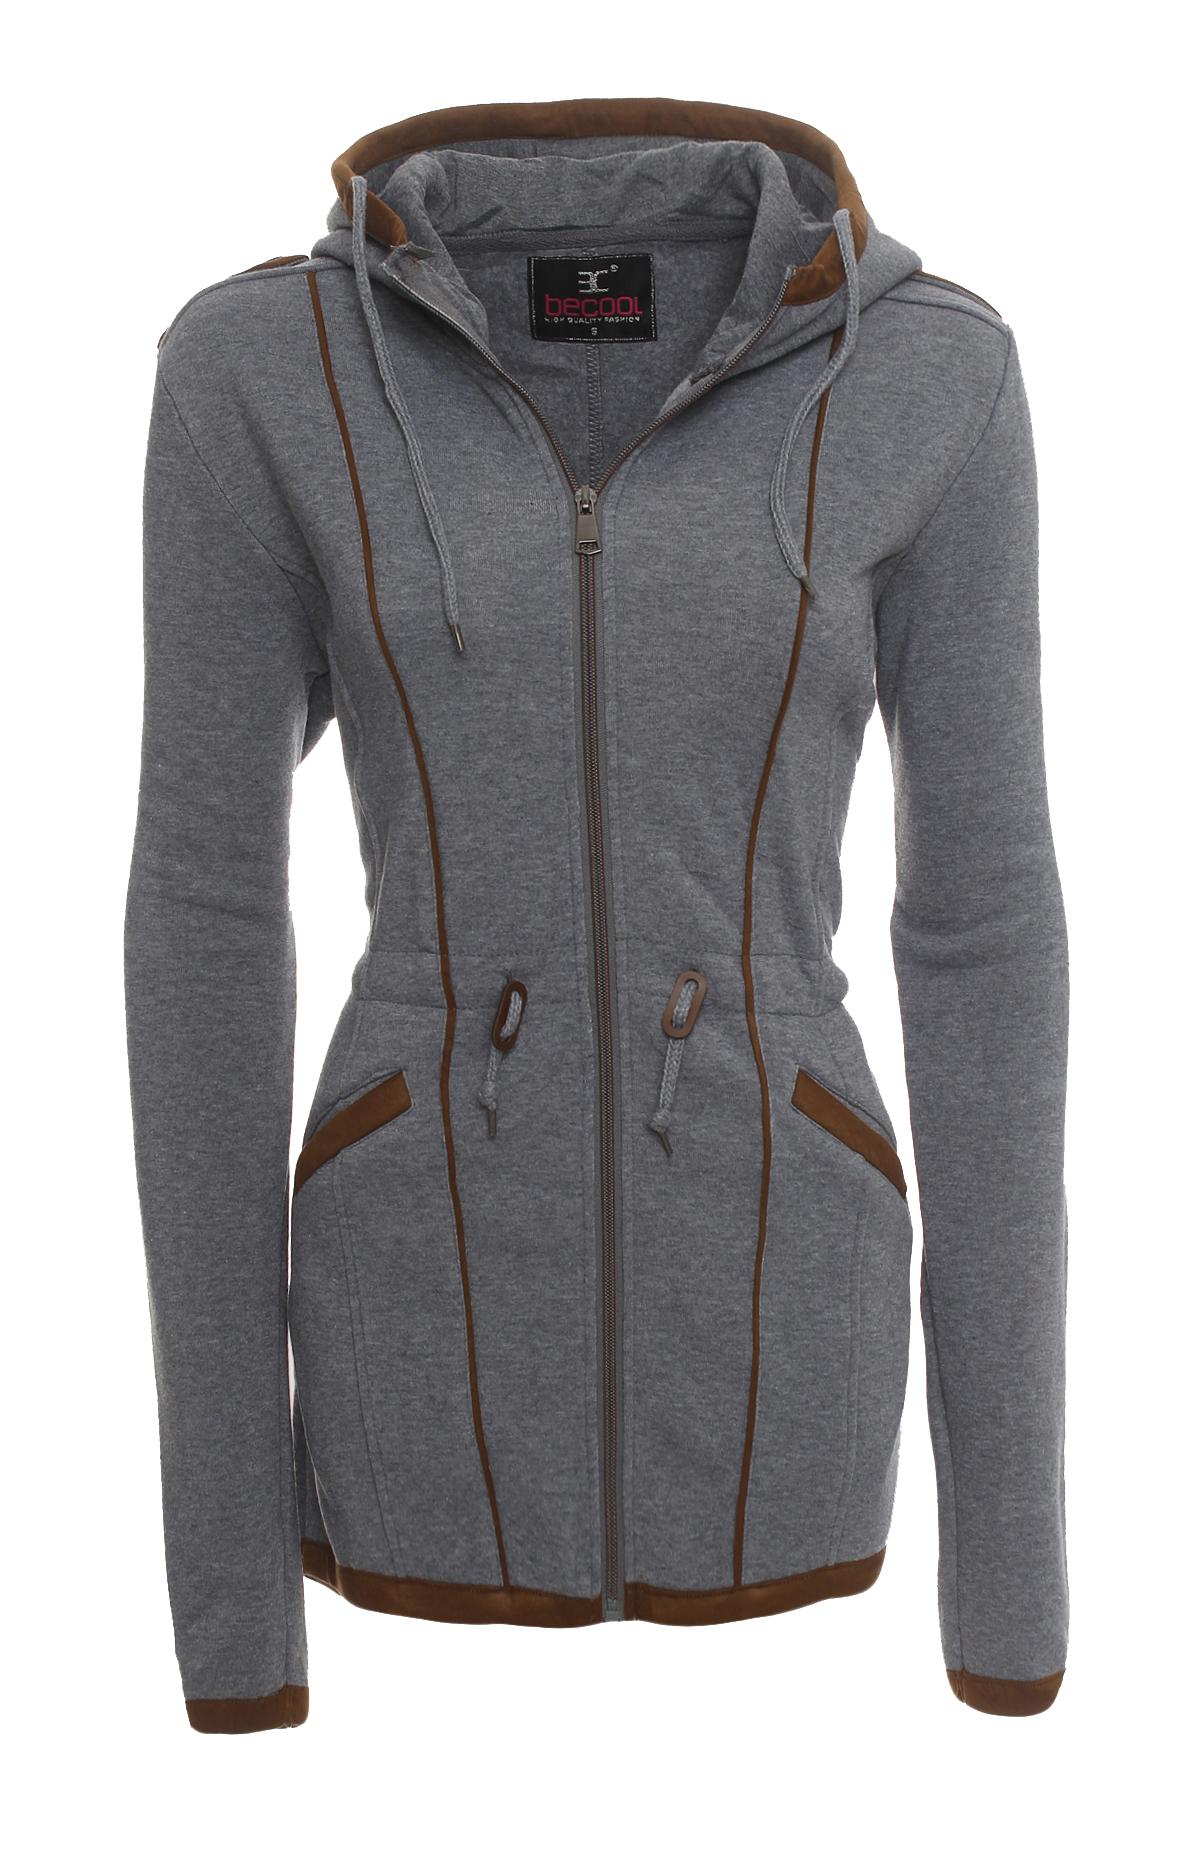 damen bergangsjacke herbst winter fleece sweatjacke kapuzen jacke mantel 1510 ebay. Black Bedroom Furniture Sets. Home Design Ideas